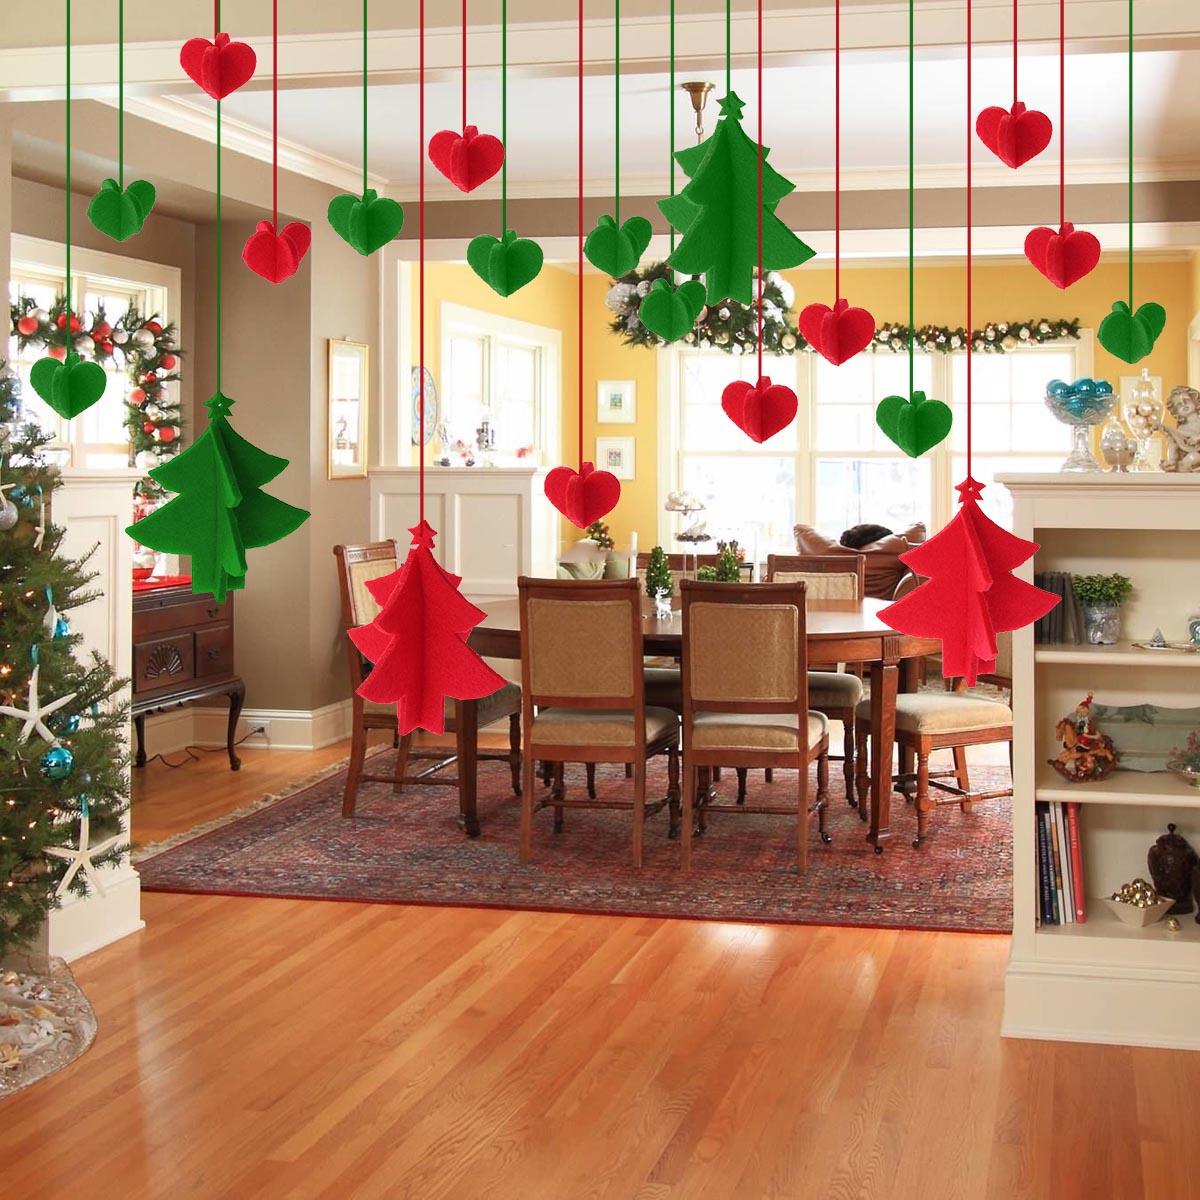 decoraciones año nuevo 2021 casa